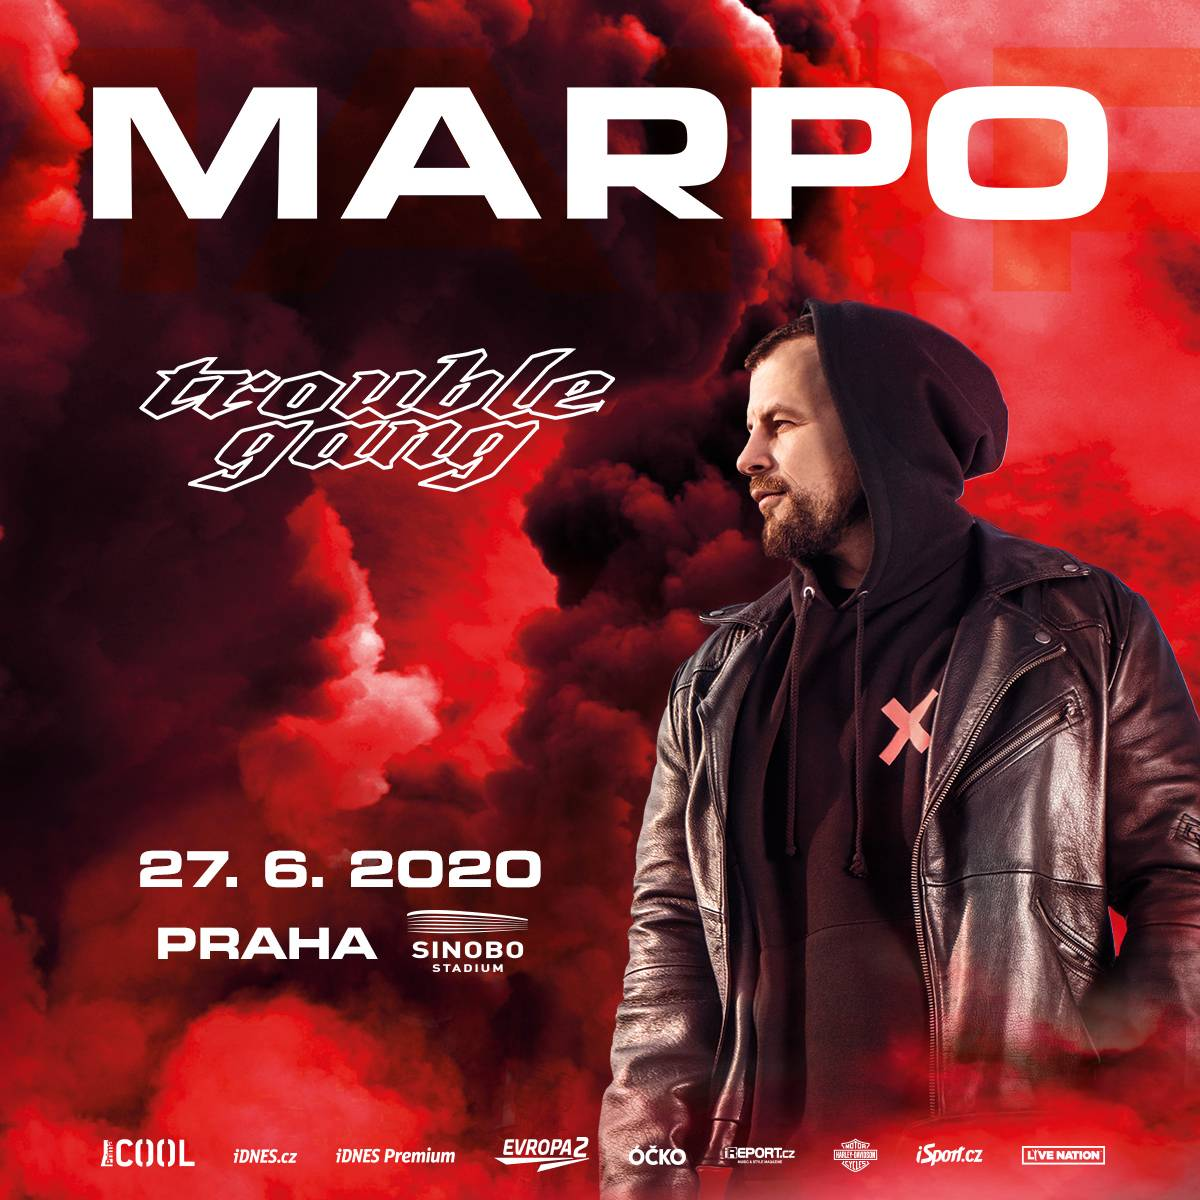 Marpo & TroubleGang